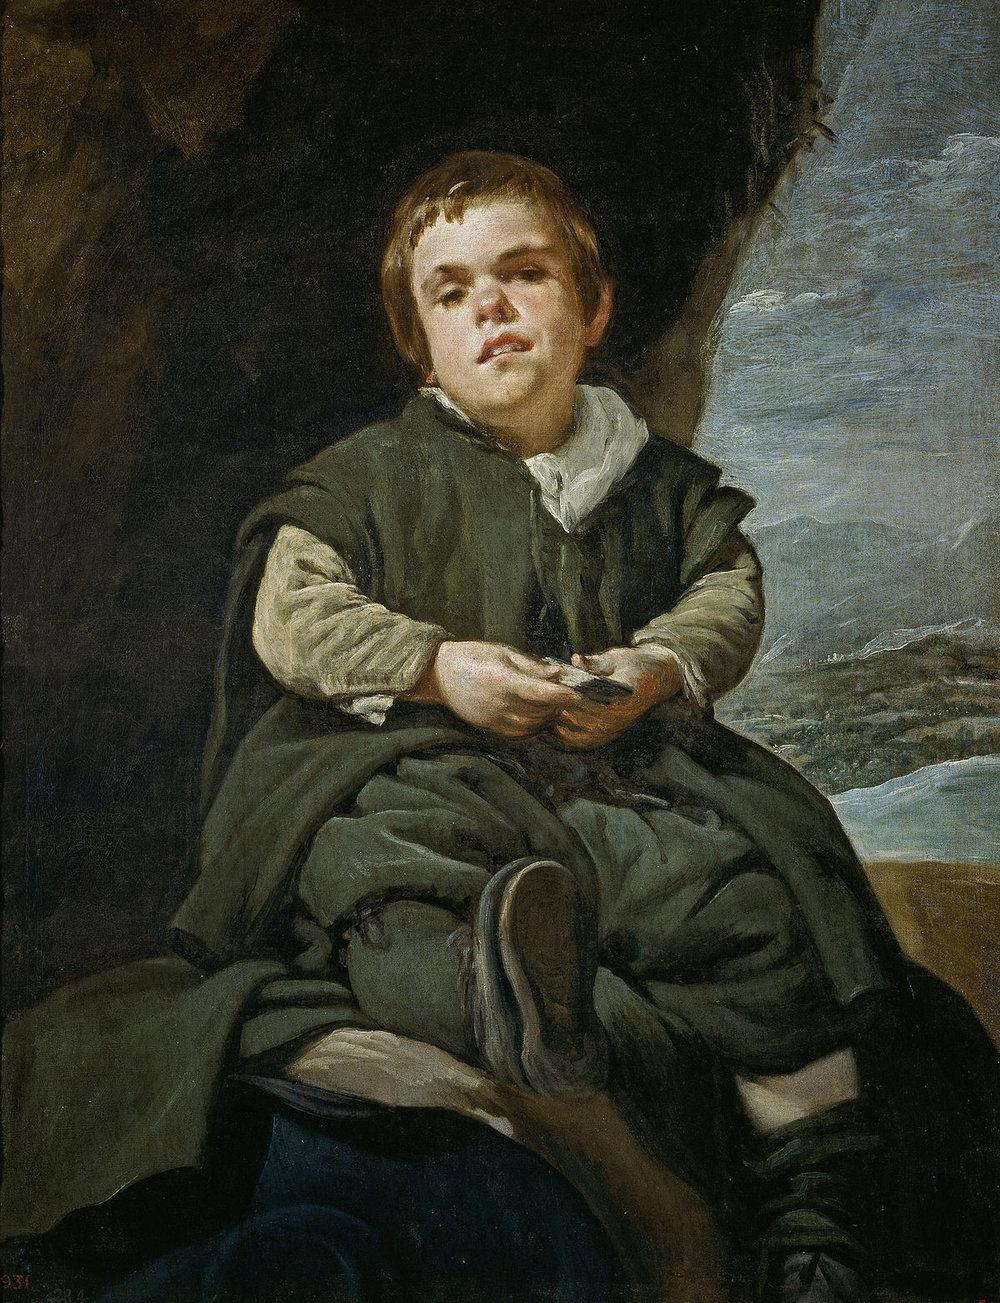 1200px-Velázquez_-_Francisco_Lezcano,_el_Niño_de_Vallecas_(Museo_del_Prado,_1643-45).jpg